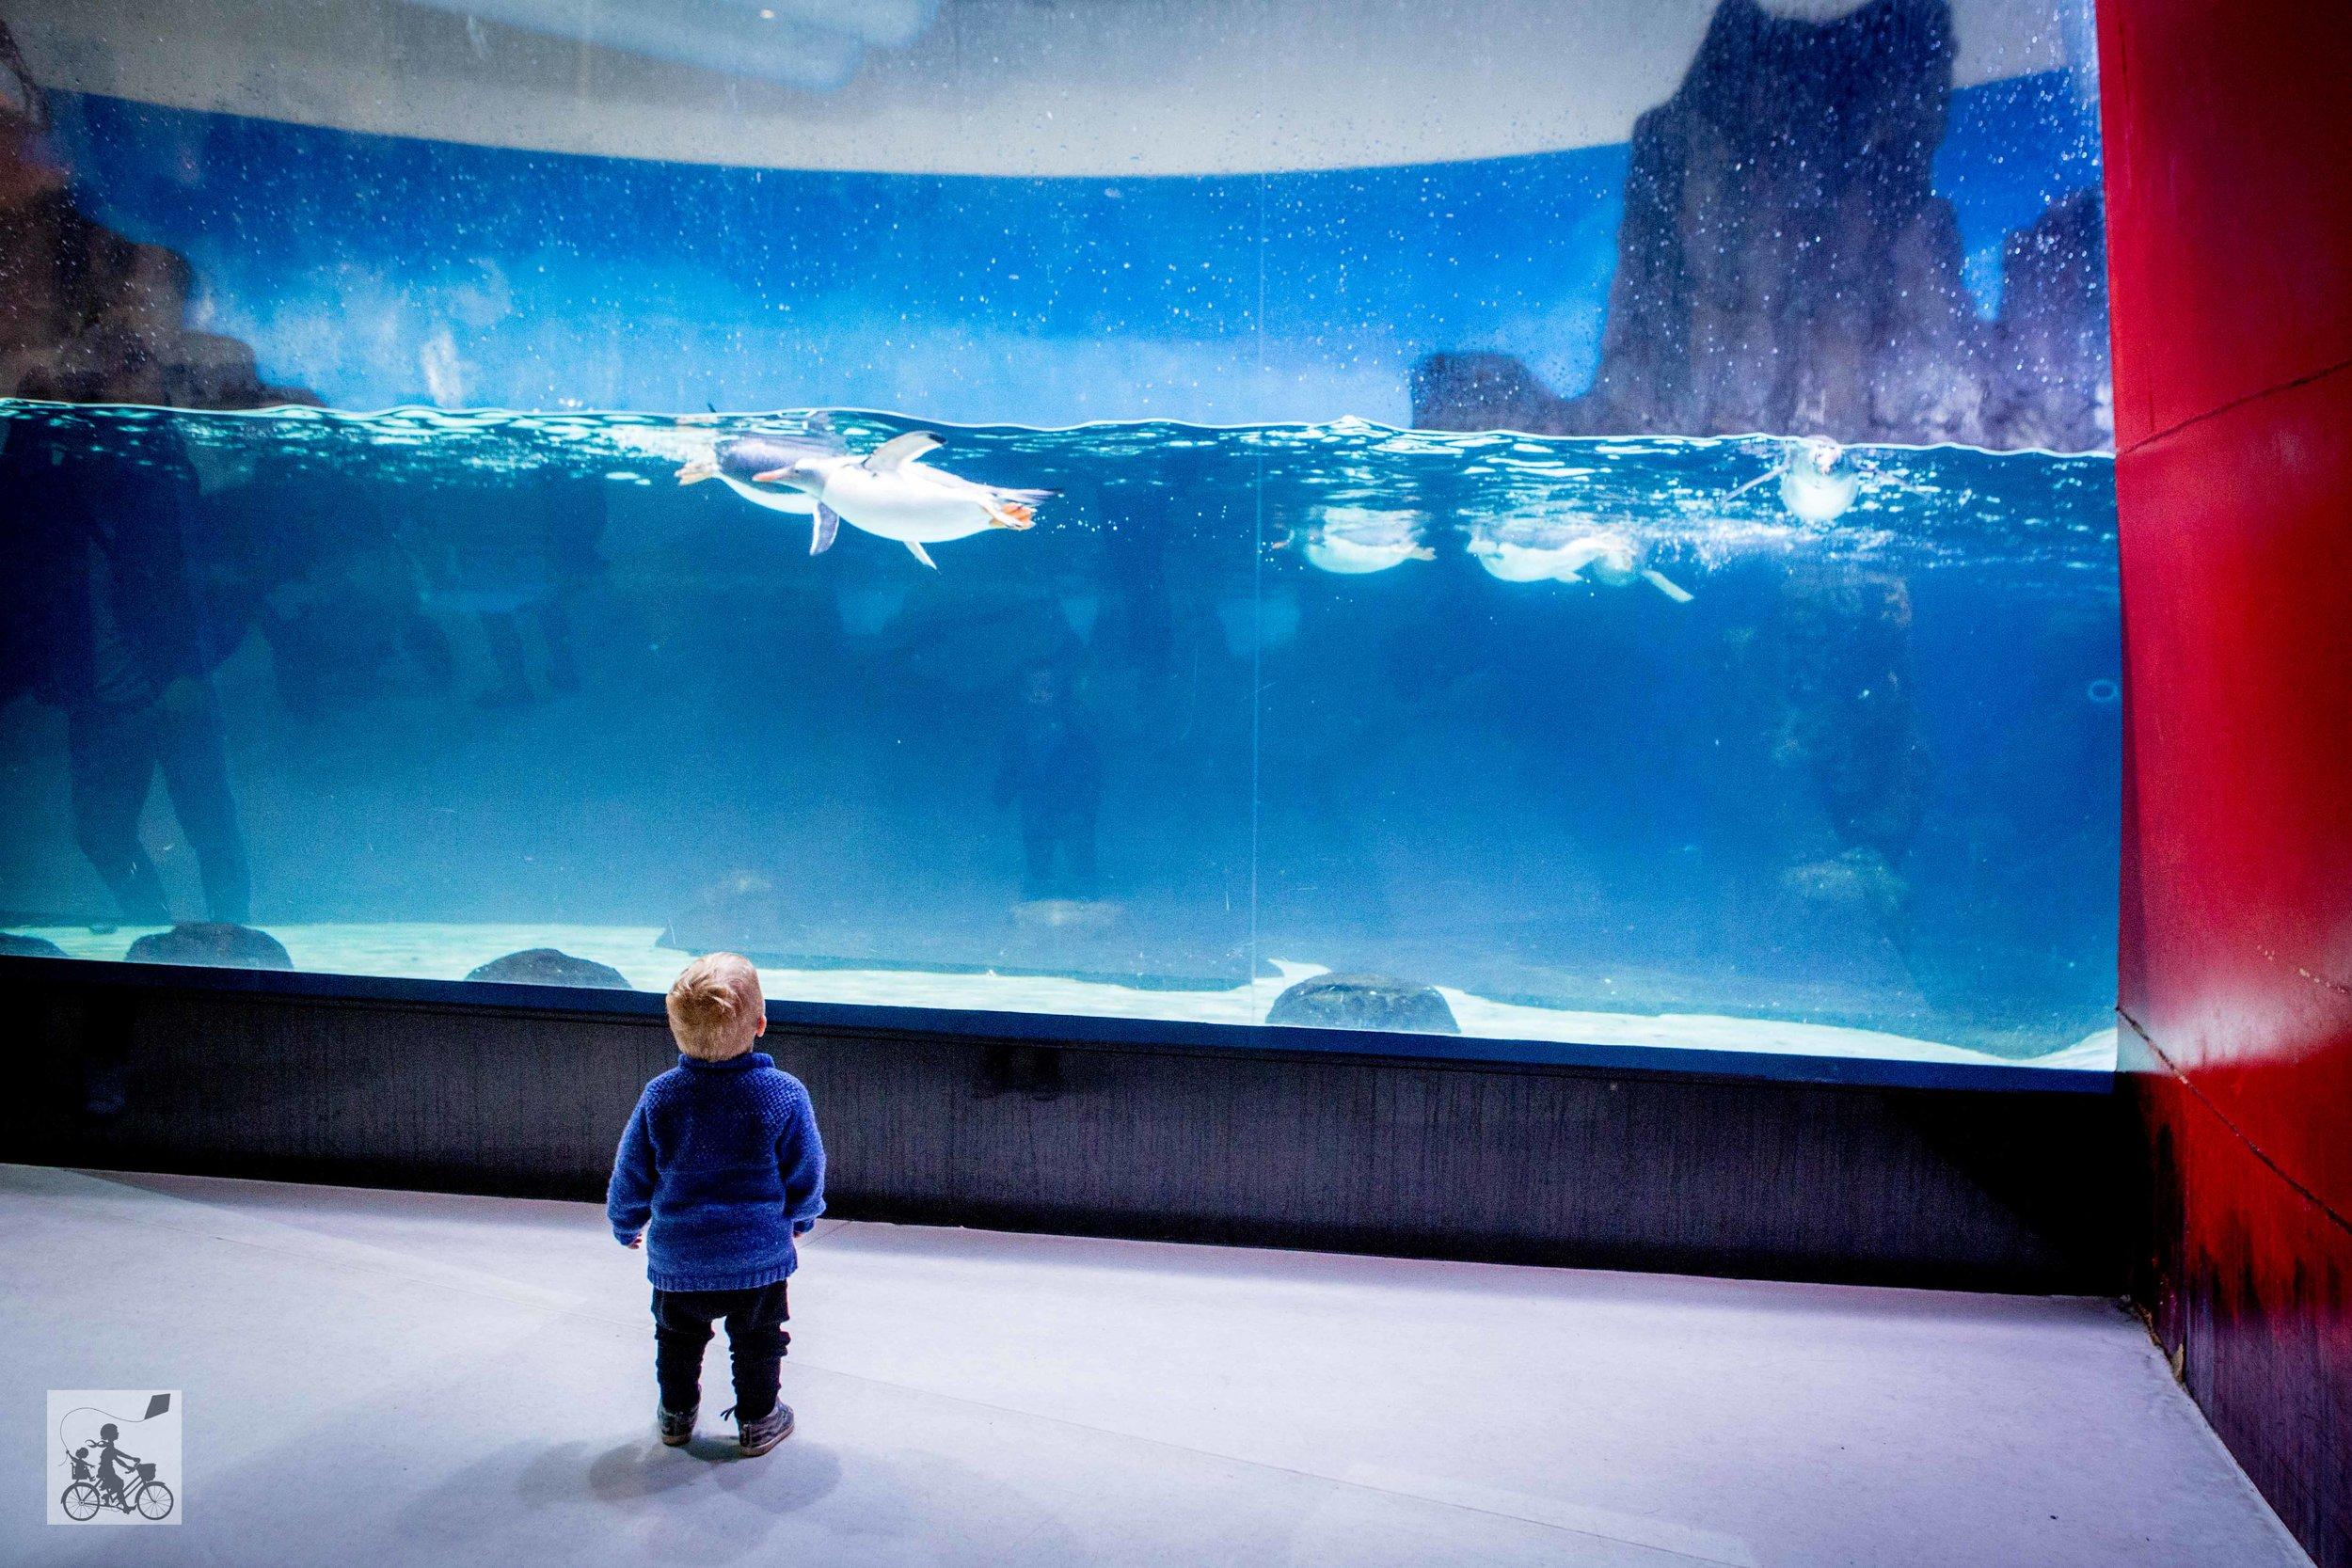 Sealife Aquarium - Mamma Knows East (44 of 52).jpg